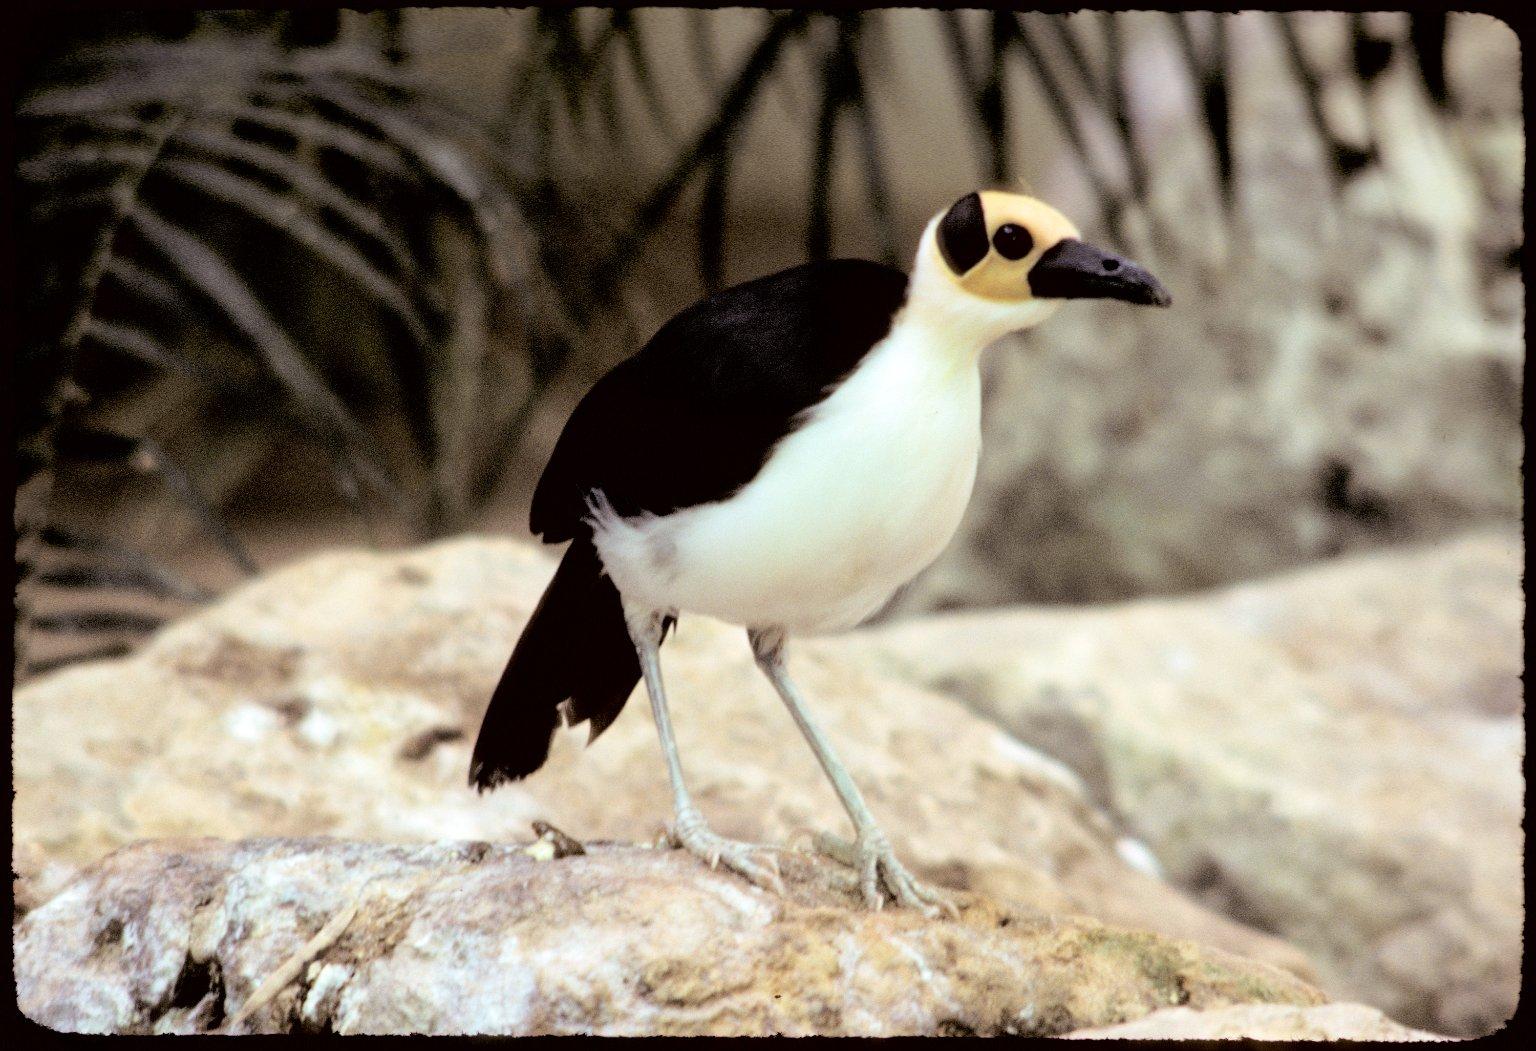 White-necked Picathartes or White-necked Rockfowl